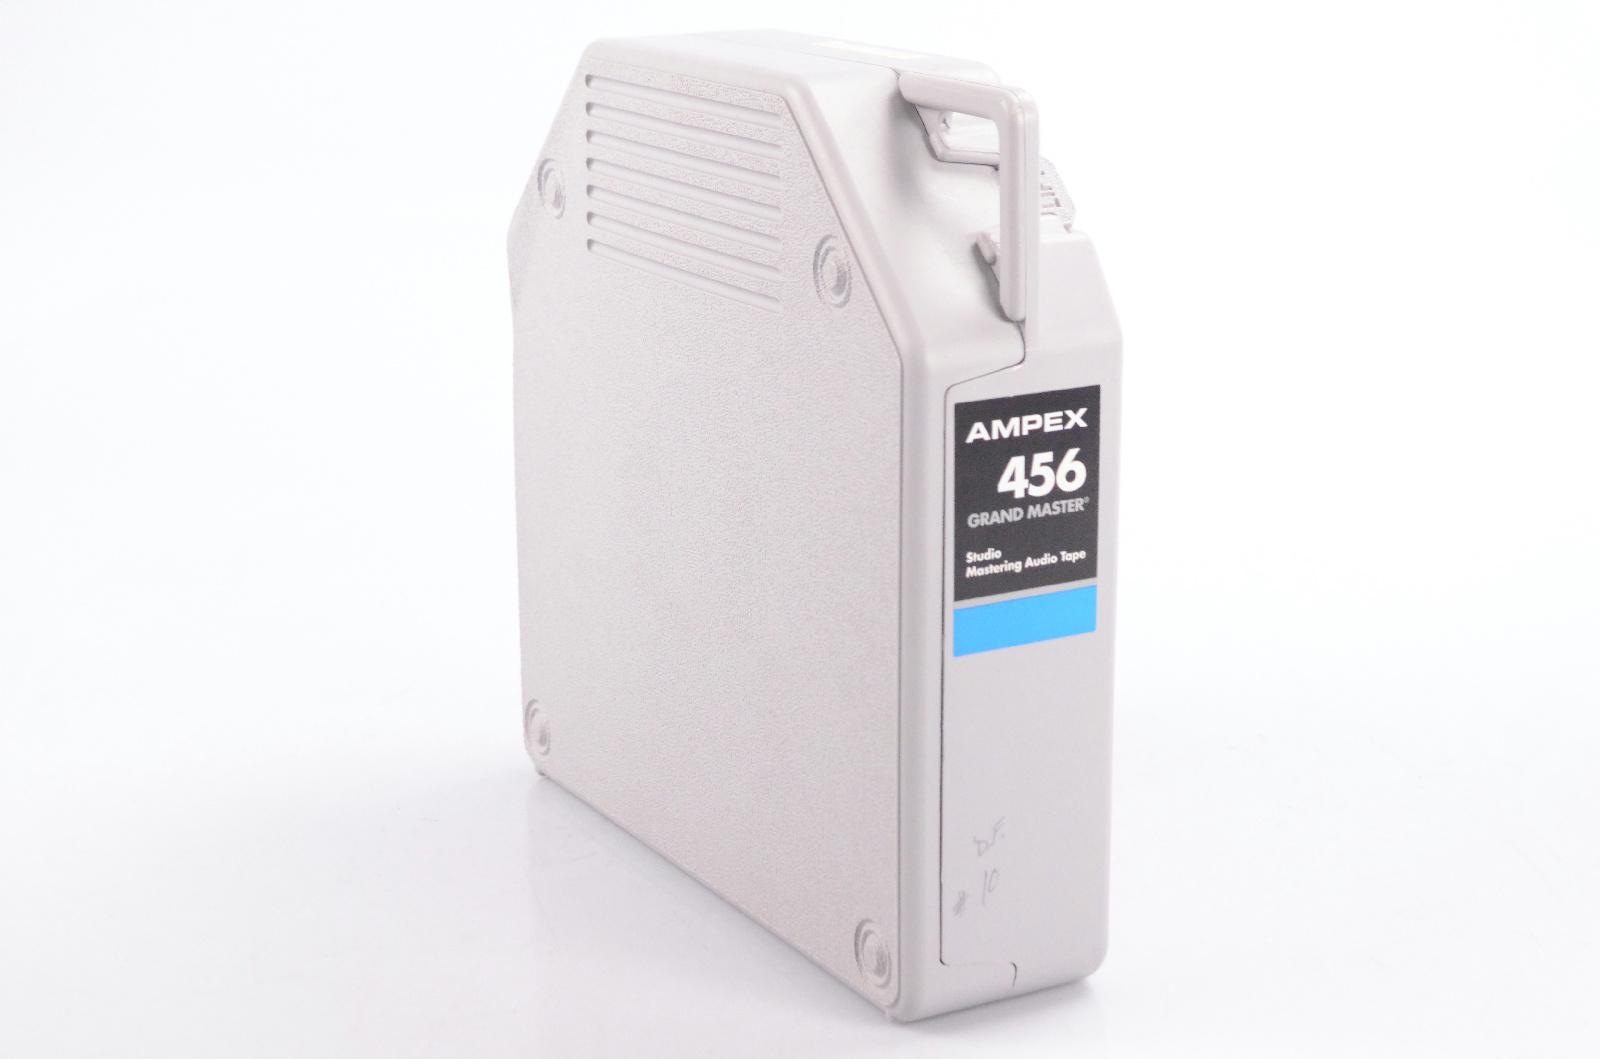 """Ampex 456 Grand Master NOS 2""""x2500' Analog Tape 10.5″ Metal Reel w/ Box #31832"""